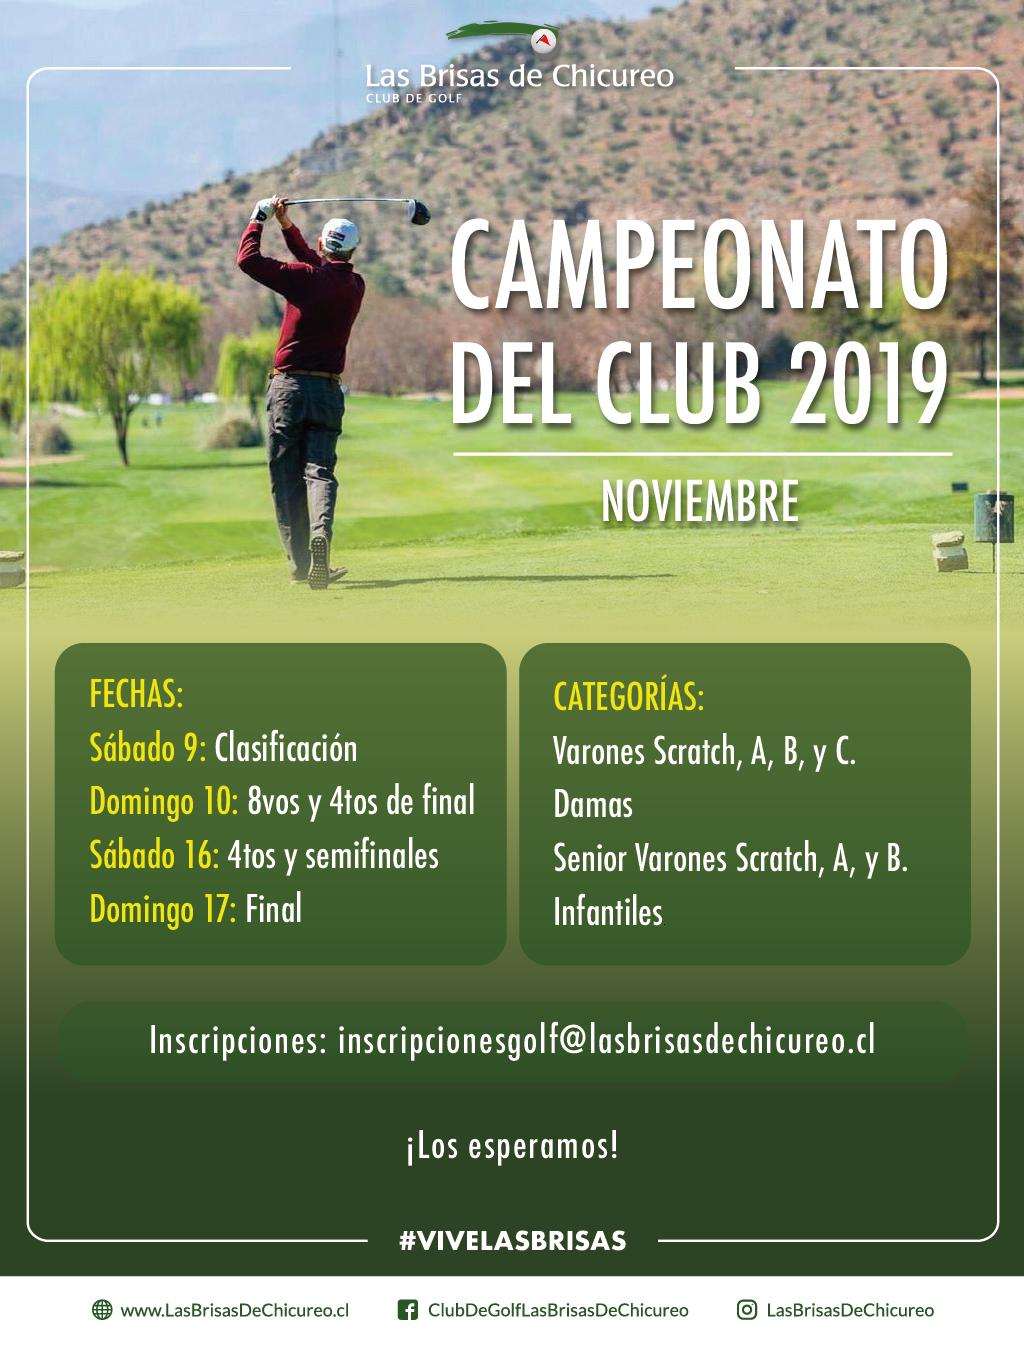 Campeonato del Club 2019